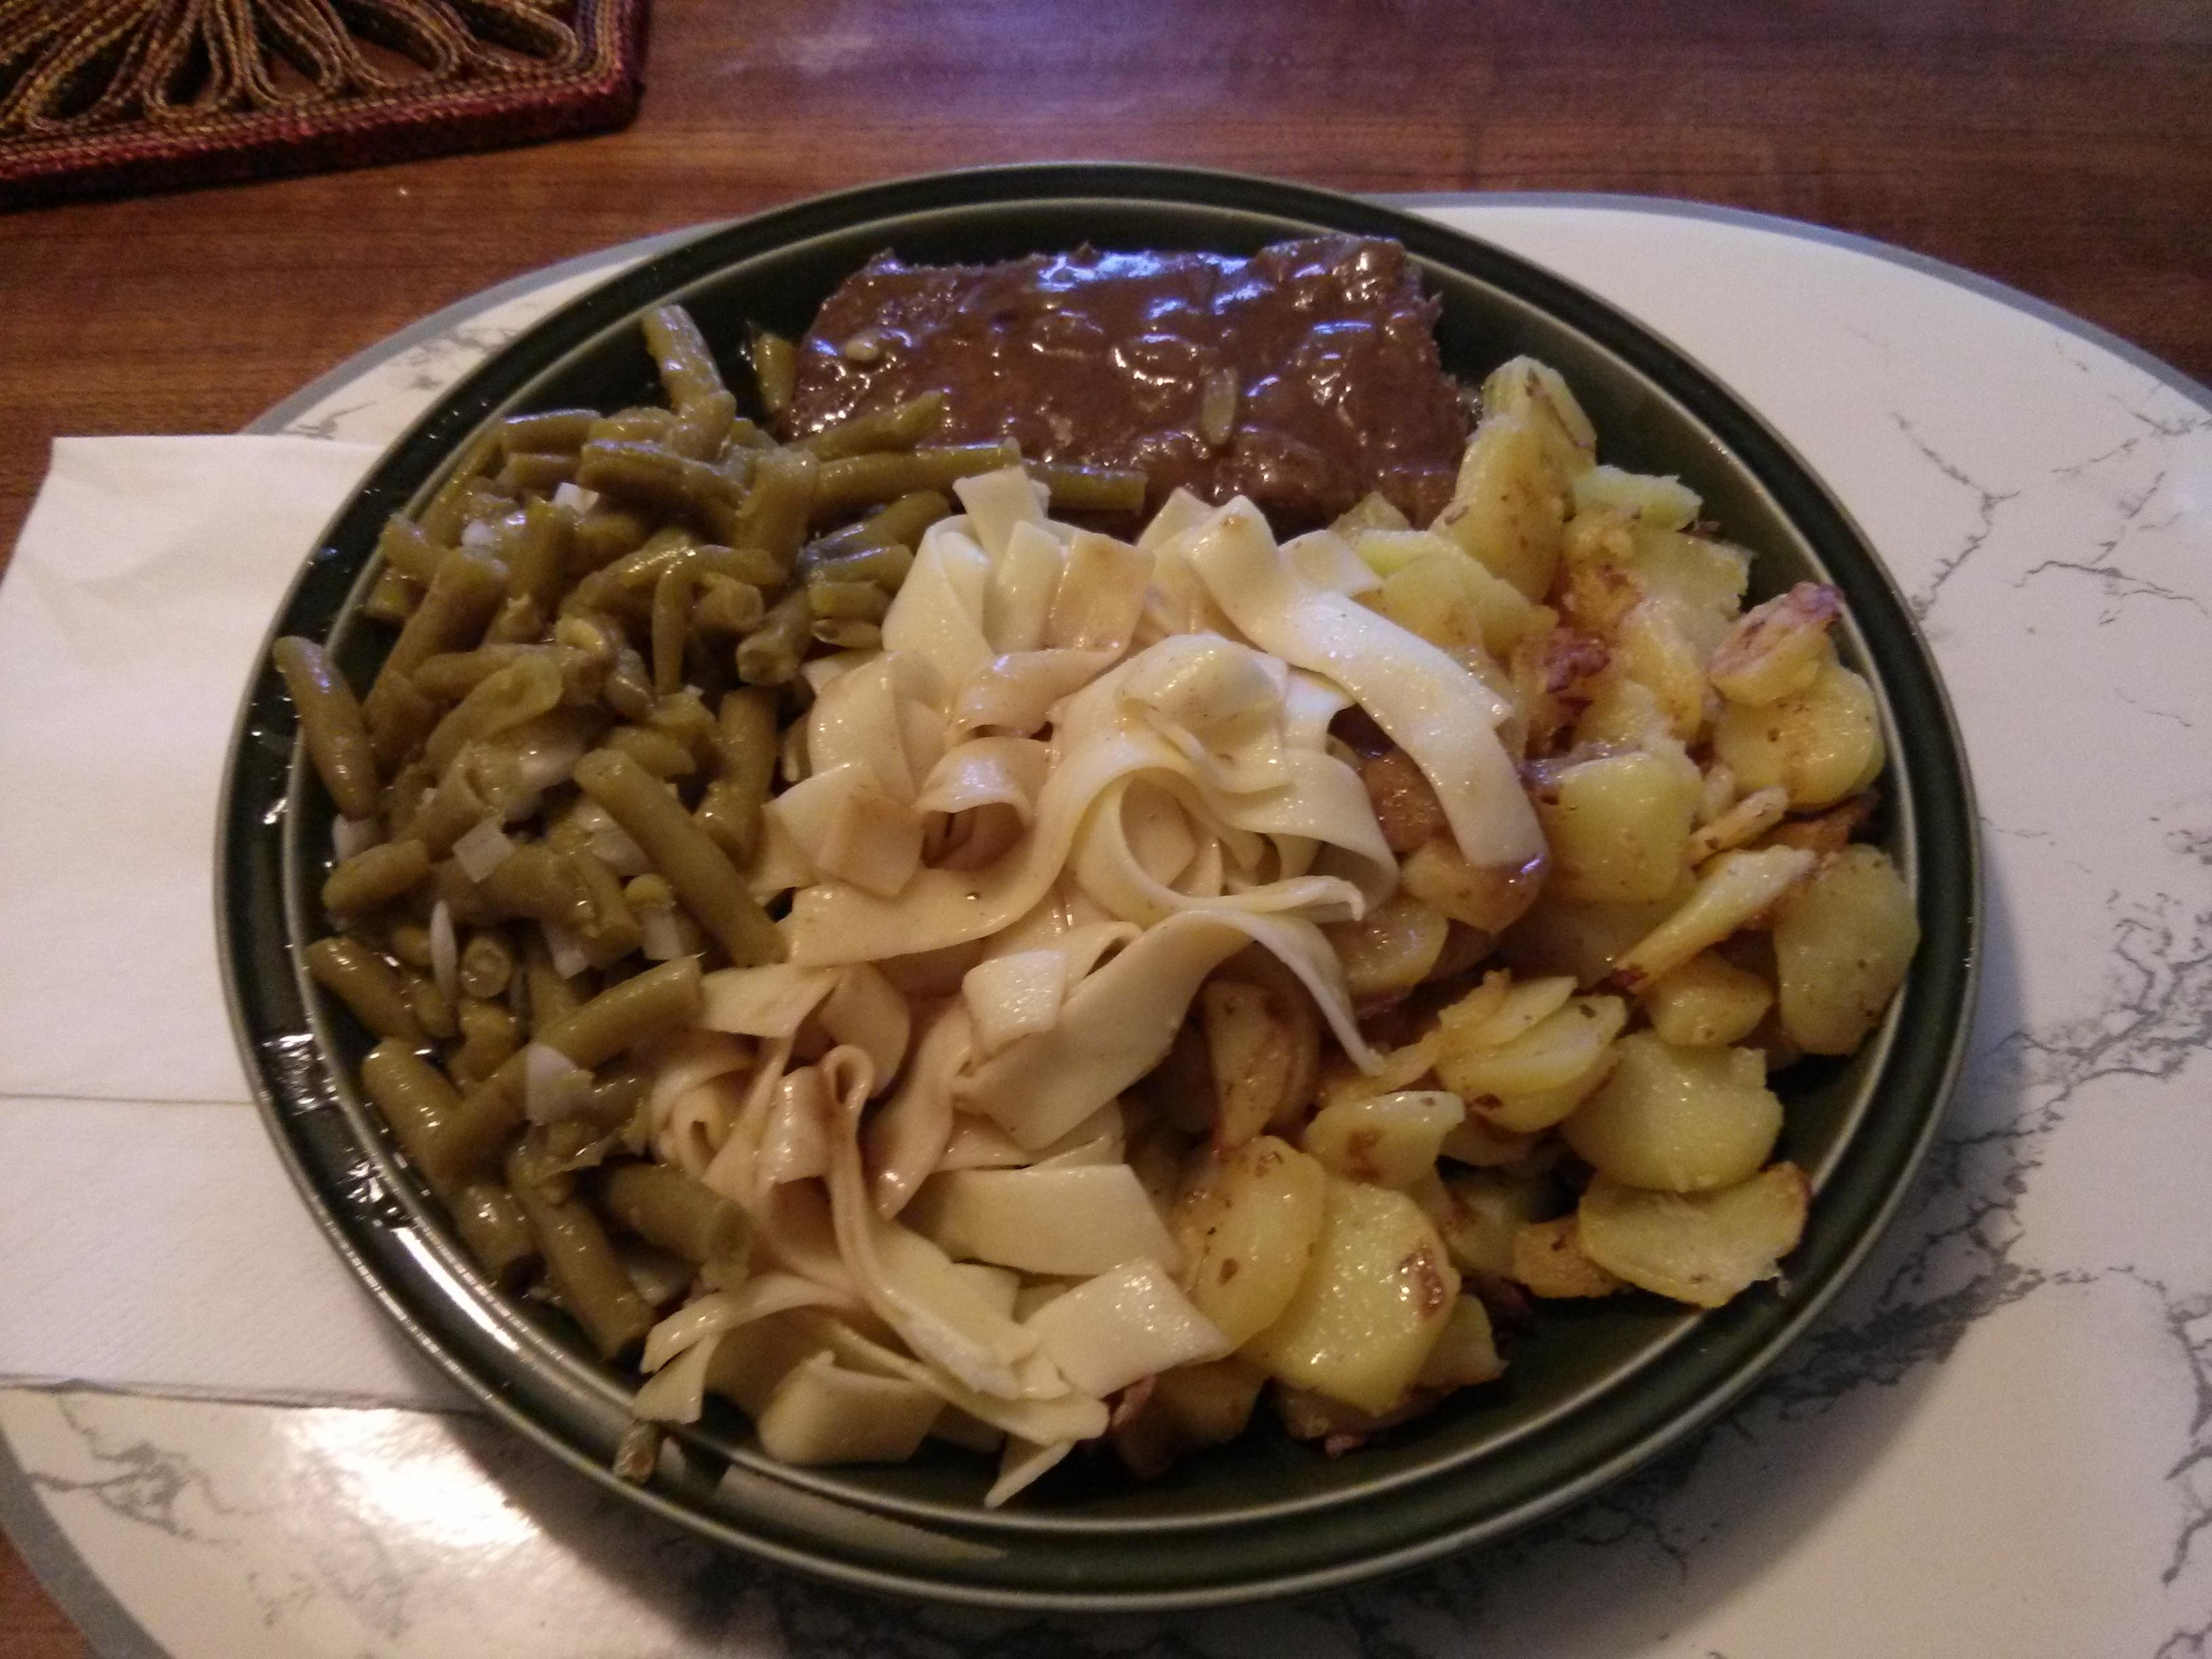 https://foodloader.net/nico_2013-07-24_rostbraten-mit-bratkartoffeln-nudeln-und-bohnensalat.jpg